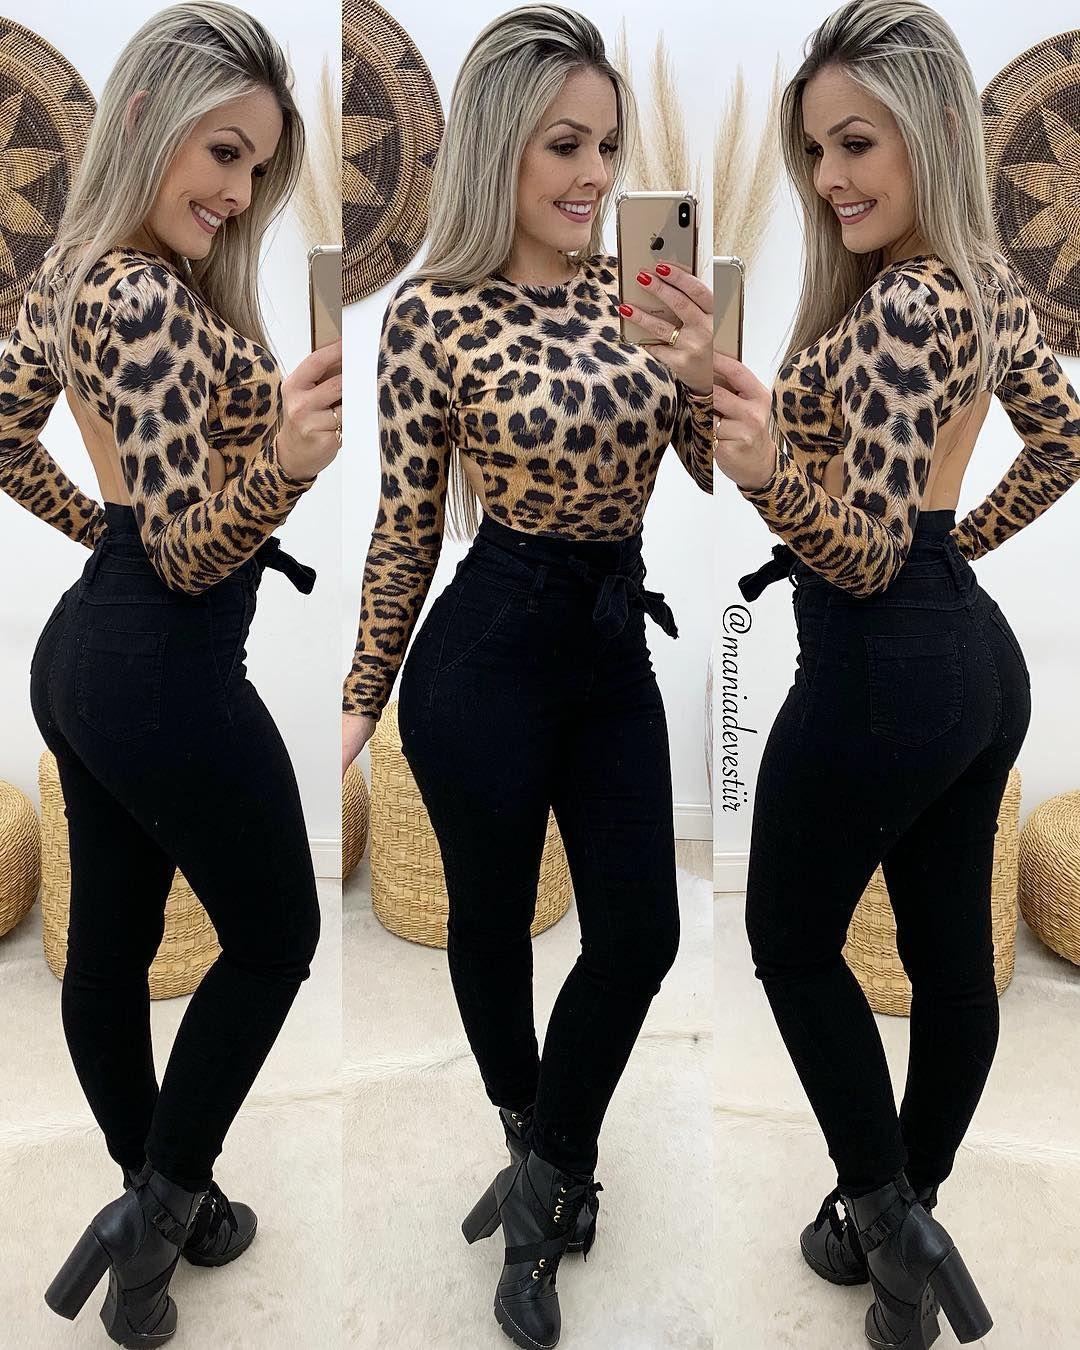 """Mania De Vestir on Instagram """"Atendimento amanhã em todas as lojas das 900 às 1700 hrs!  Calça R$ 79,90 Body R$ 59,90"""" is part of Fashion outfits - 3,303 Likes, 55 Comments  Mania De Vestir (@maniadevestiir) on Instagram """"Atendimento amanhã em todas as lojas das 900 às 1700 hrs!  Calça R$ 79,90 Body R$ 59,90"""""""